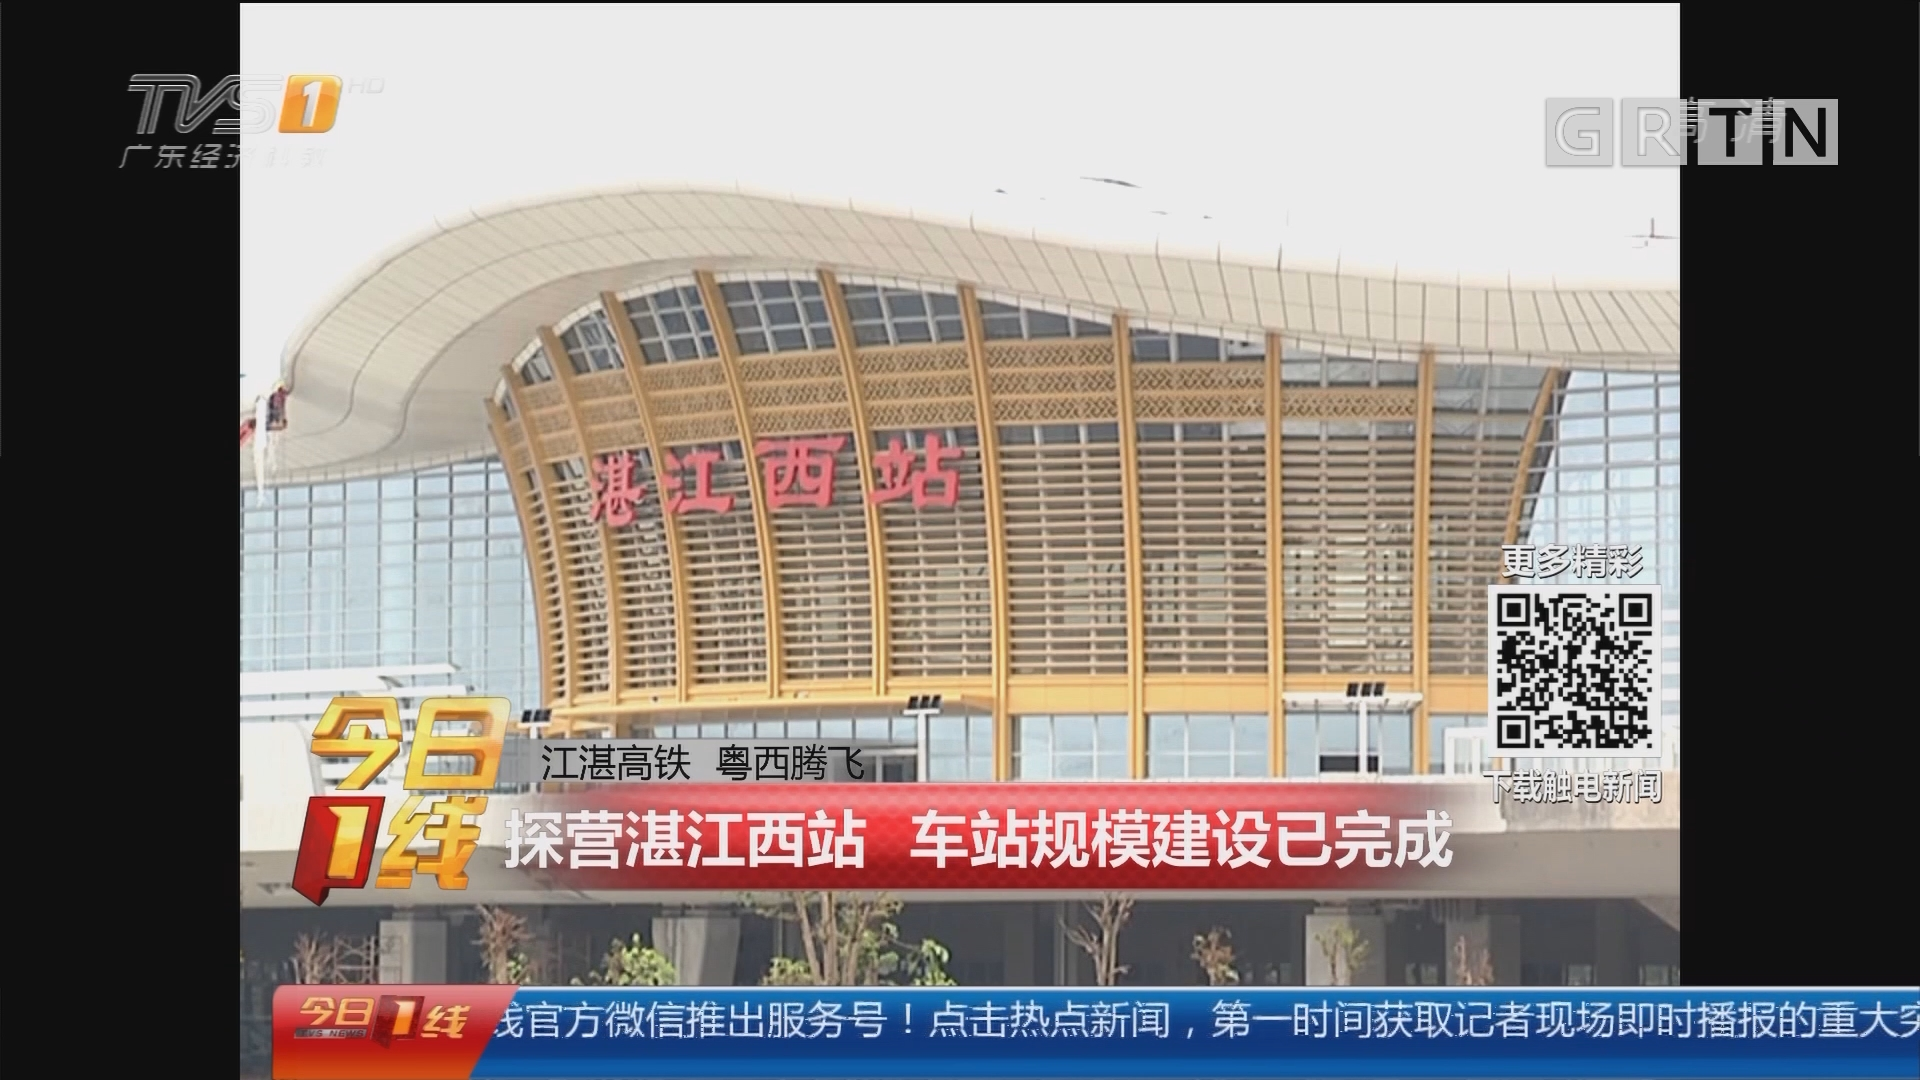 江湛高铁 粤西腾飞:探营湛江西站 车站规模建设已完成